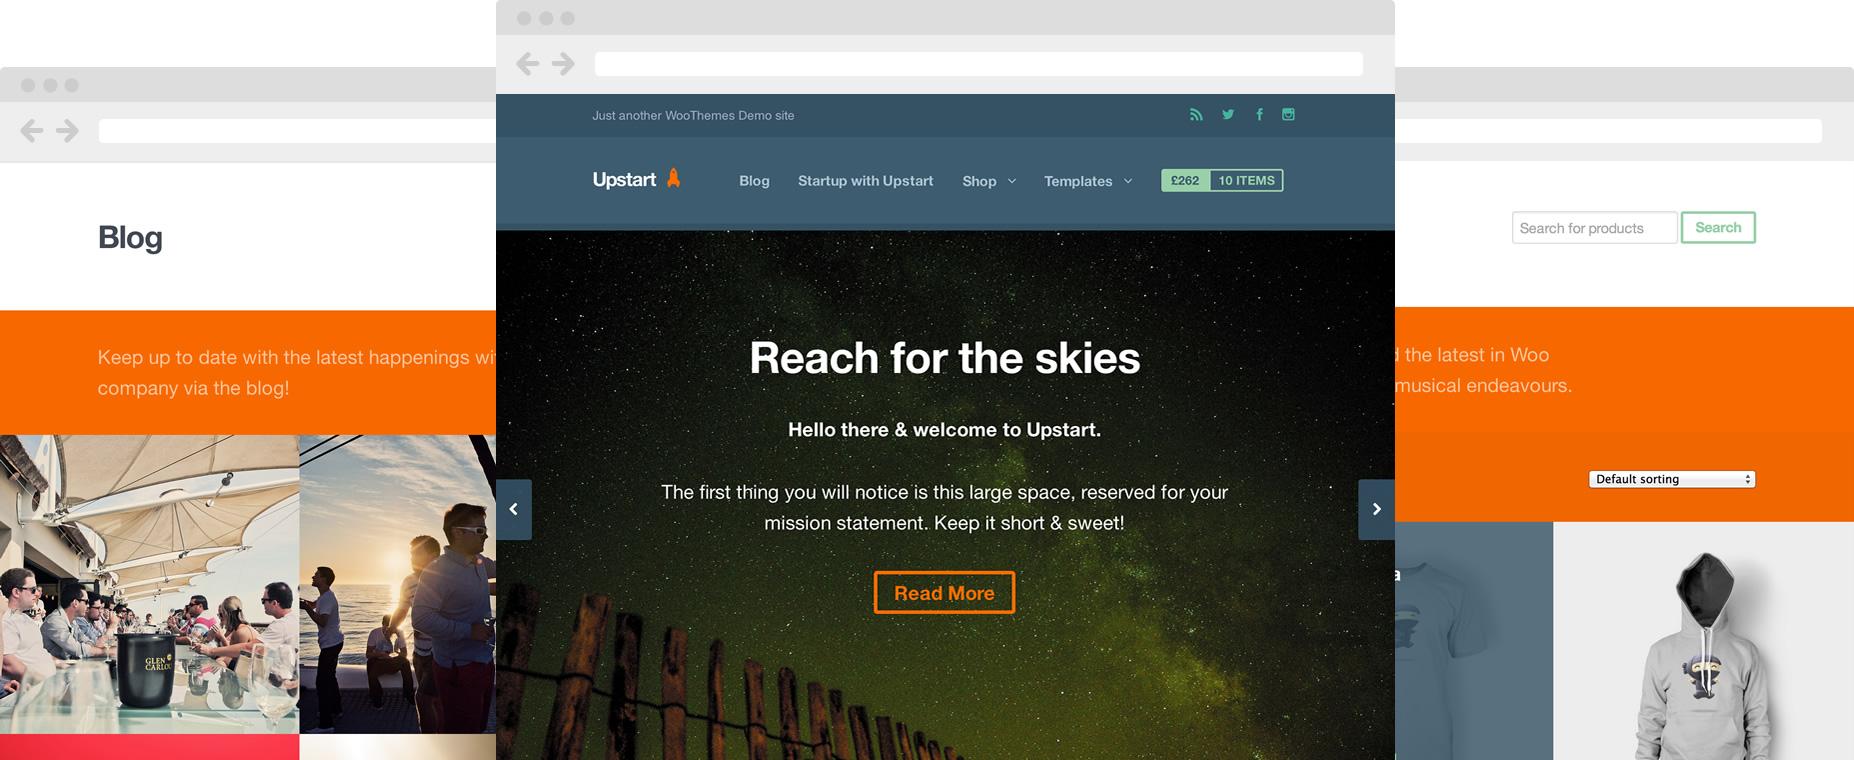 upstart-screenshots